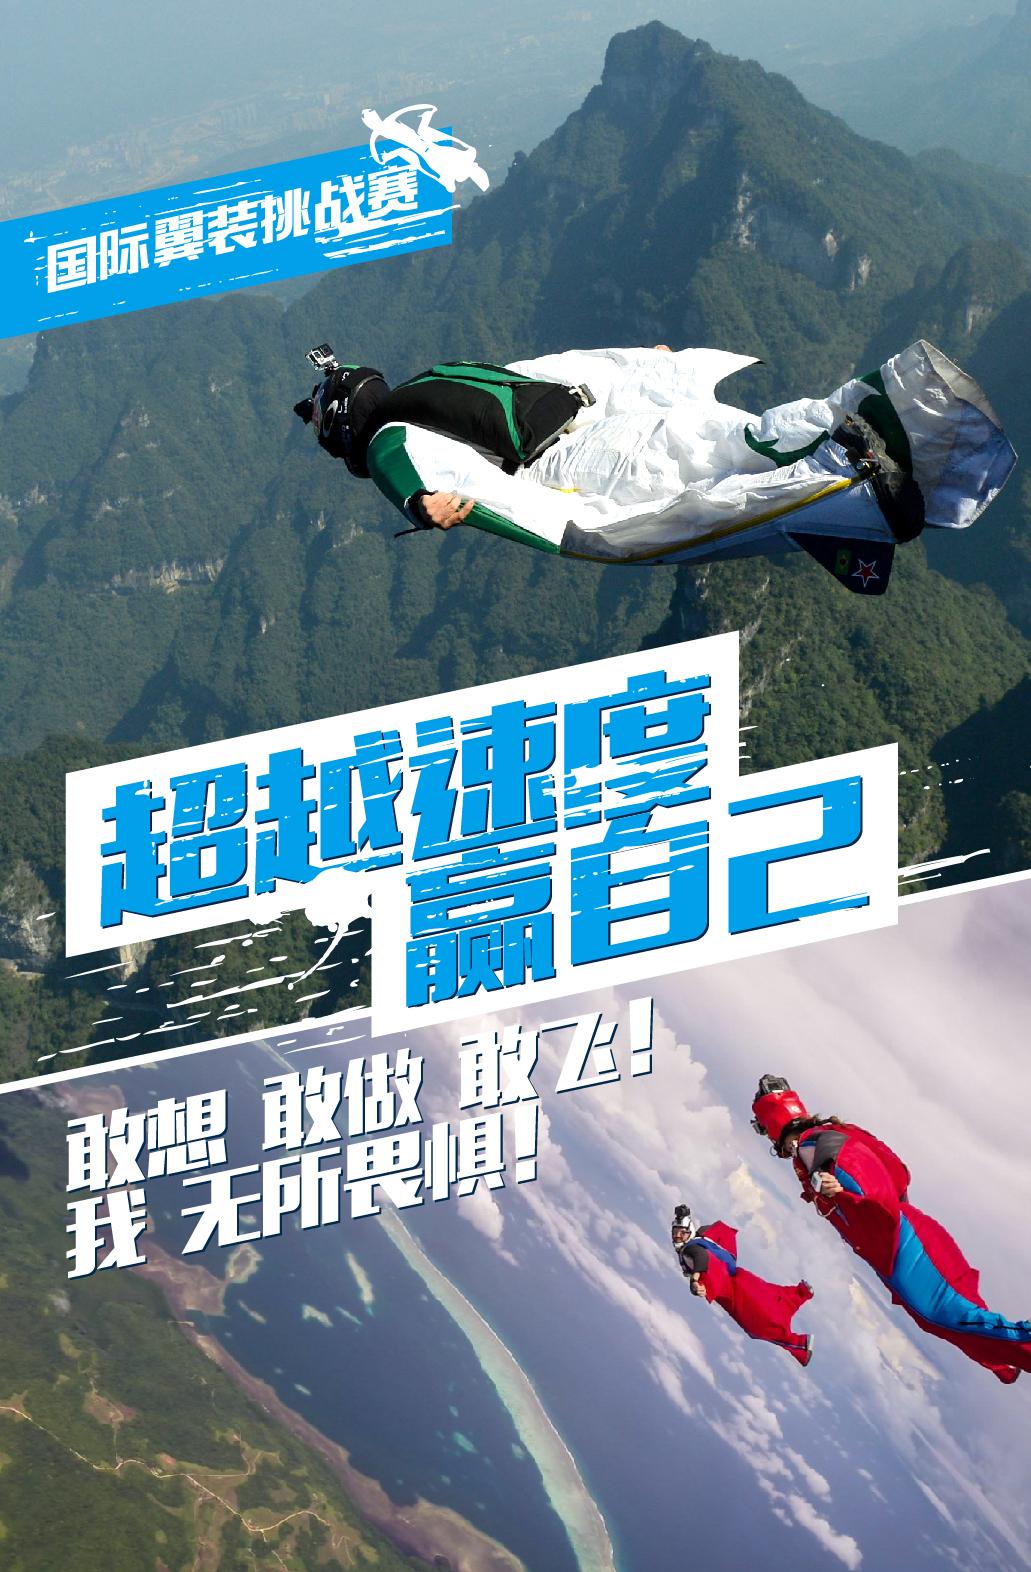 中国?嵖岈山2016国际山地运动暨西游文化节——翼装飞行,极限中的王者!